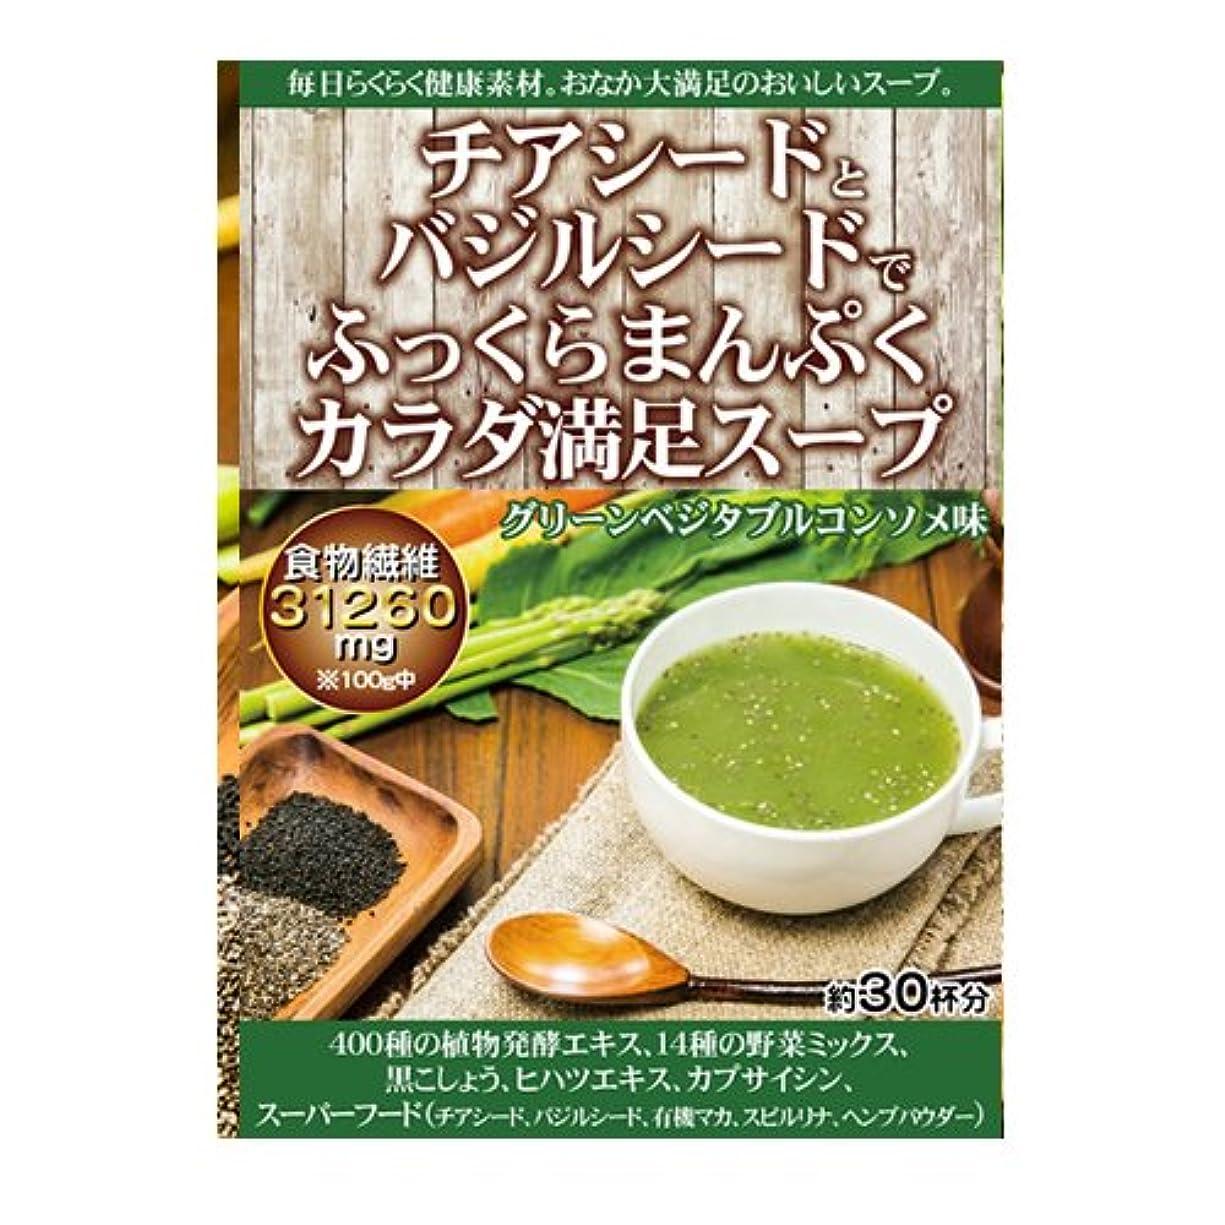 瞳上に築きます弱点チアシードとバジルシードでふっくらまんぷくカラダ満足スープ(グリーンベジタブルコンソメ味)